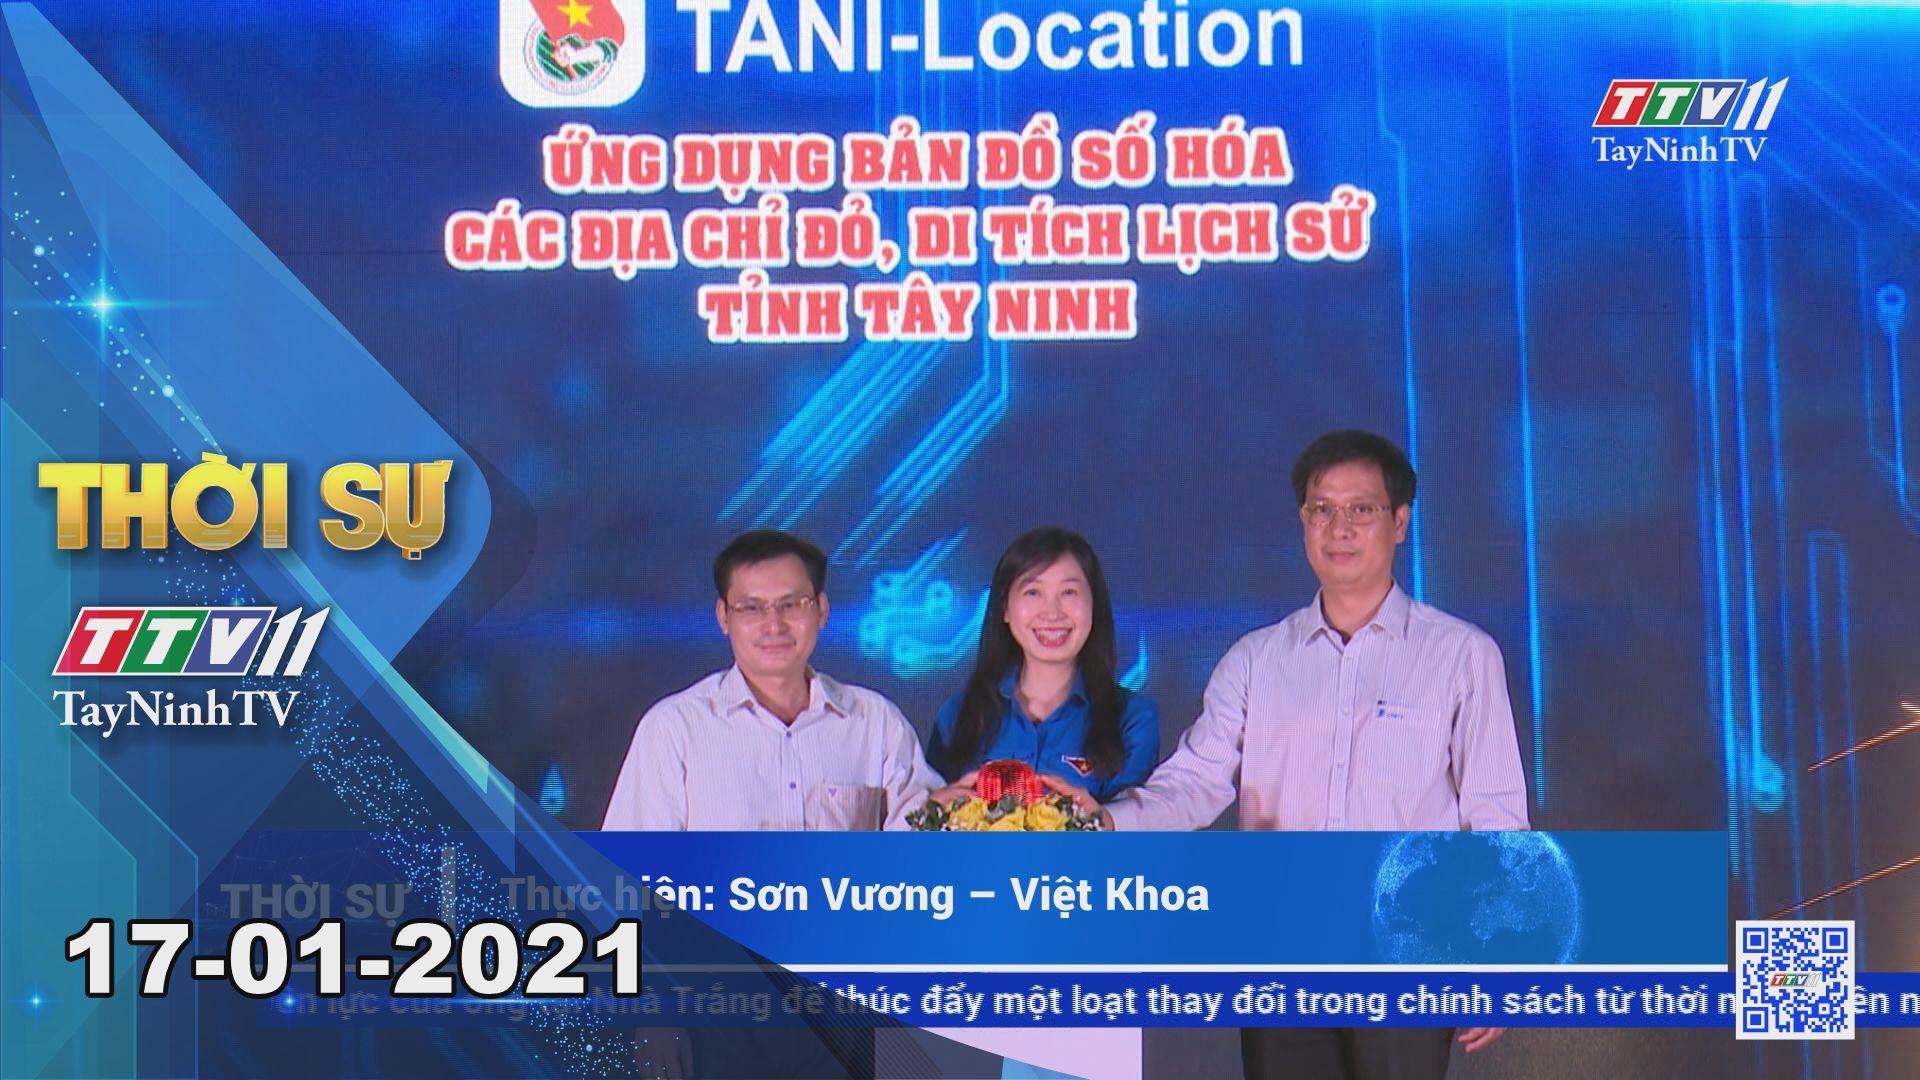 Thời sự Tây Ninh 17-01-2021 | Tin tức hôm nay | TayNinhTV